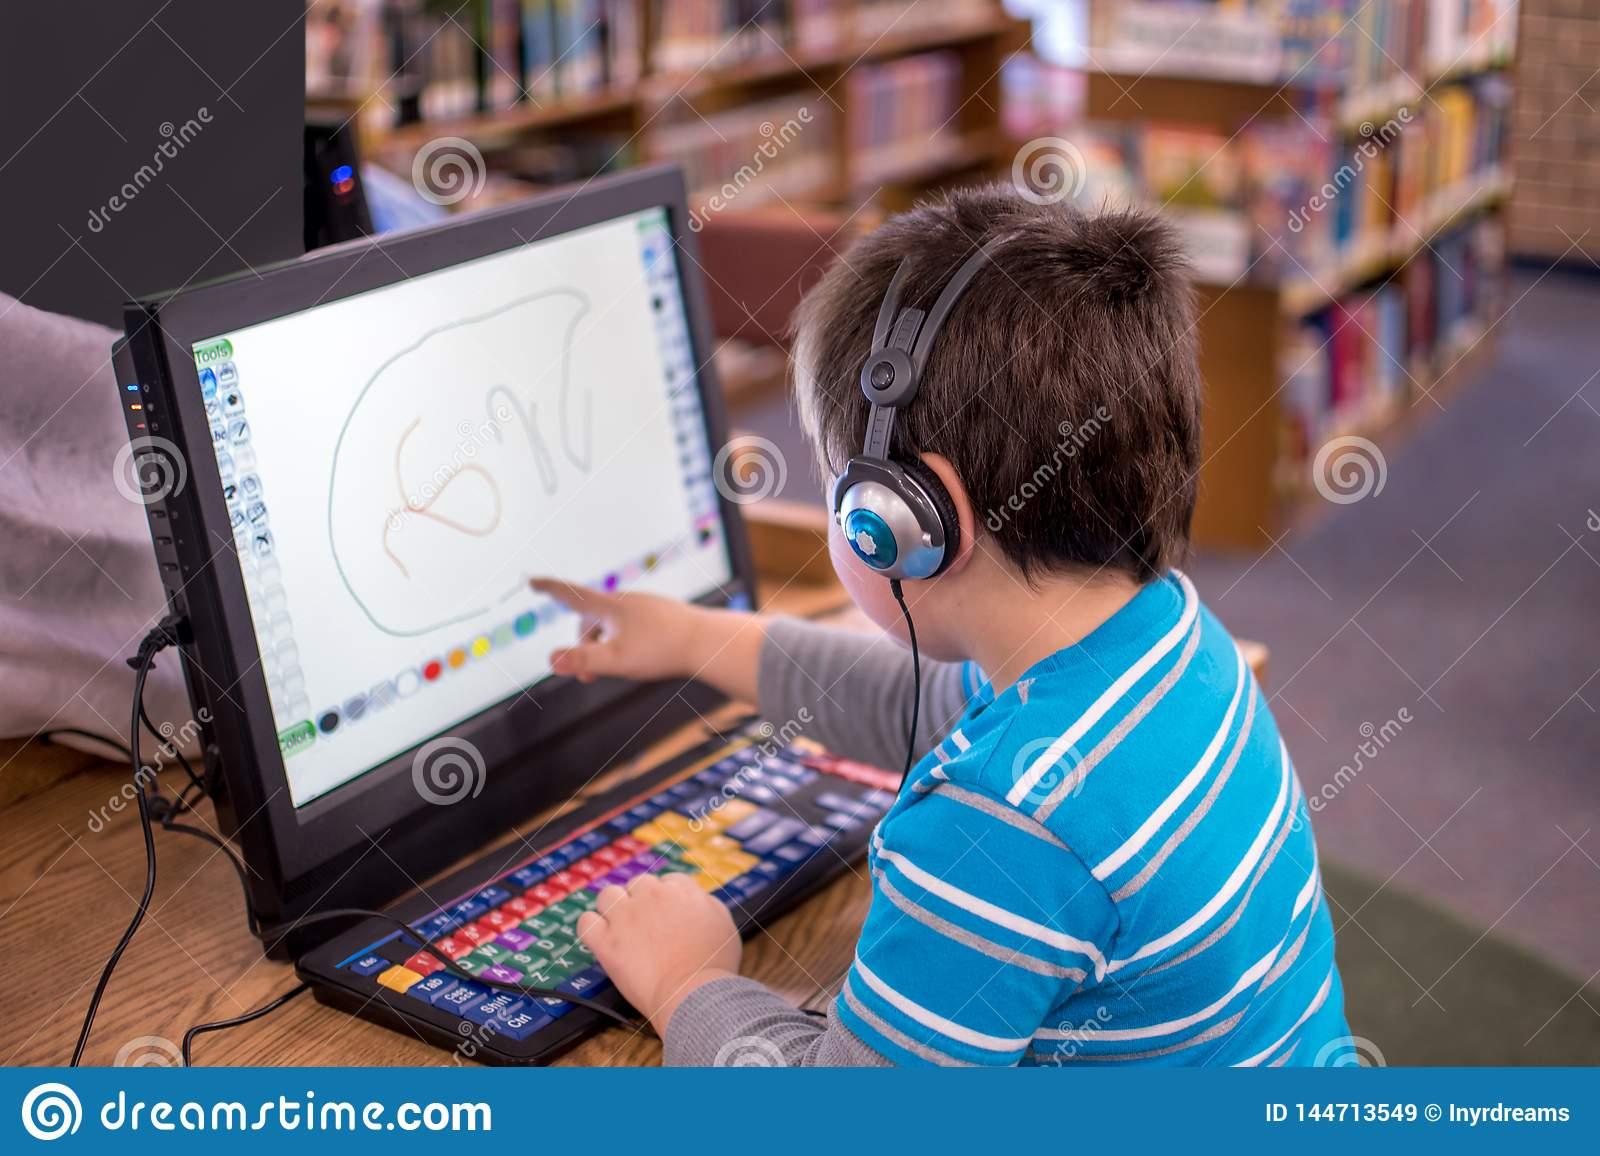 Un Enfant Travaille Un Jeu Interactif Sur Un Ordinateur tout Jeux Ordinateur Enfant